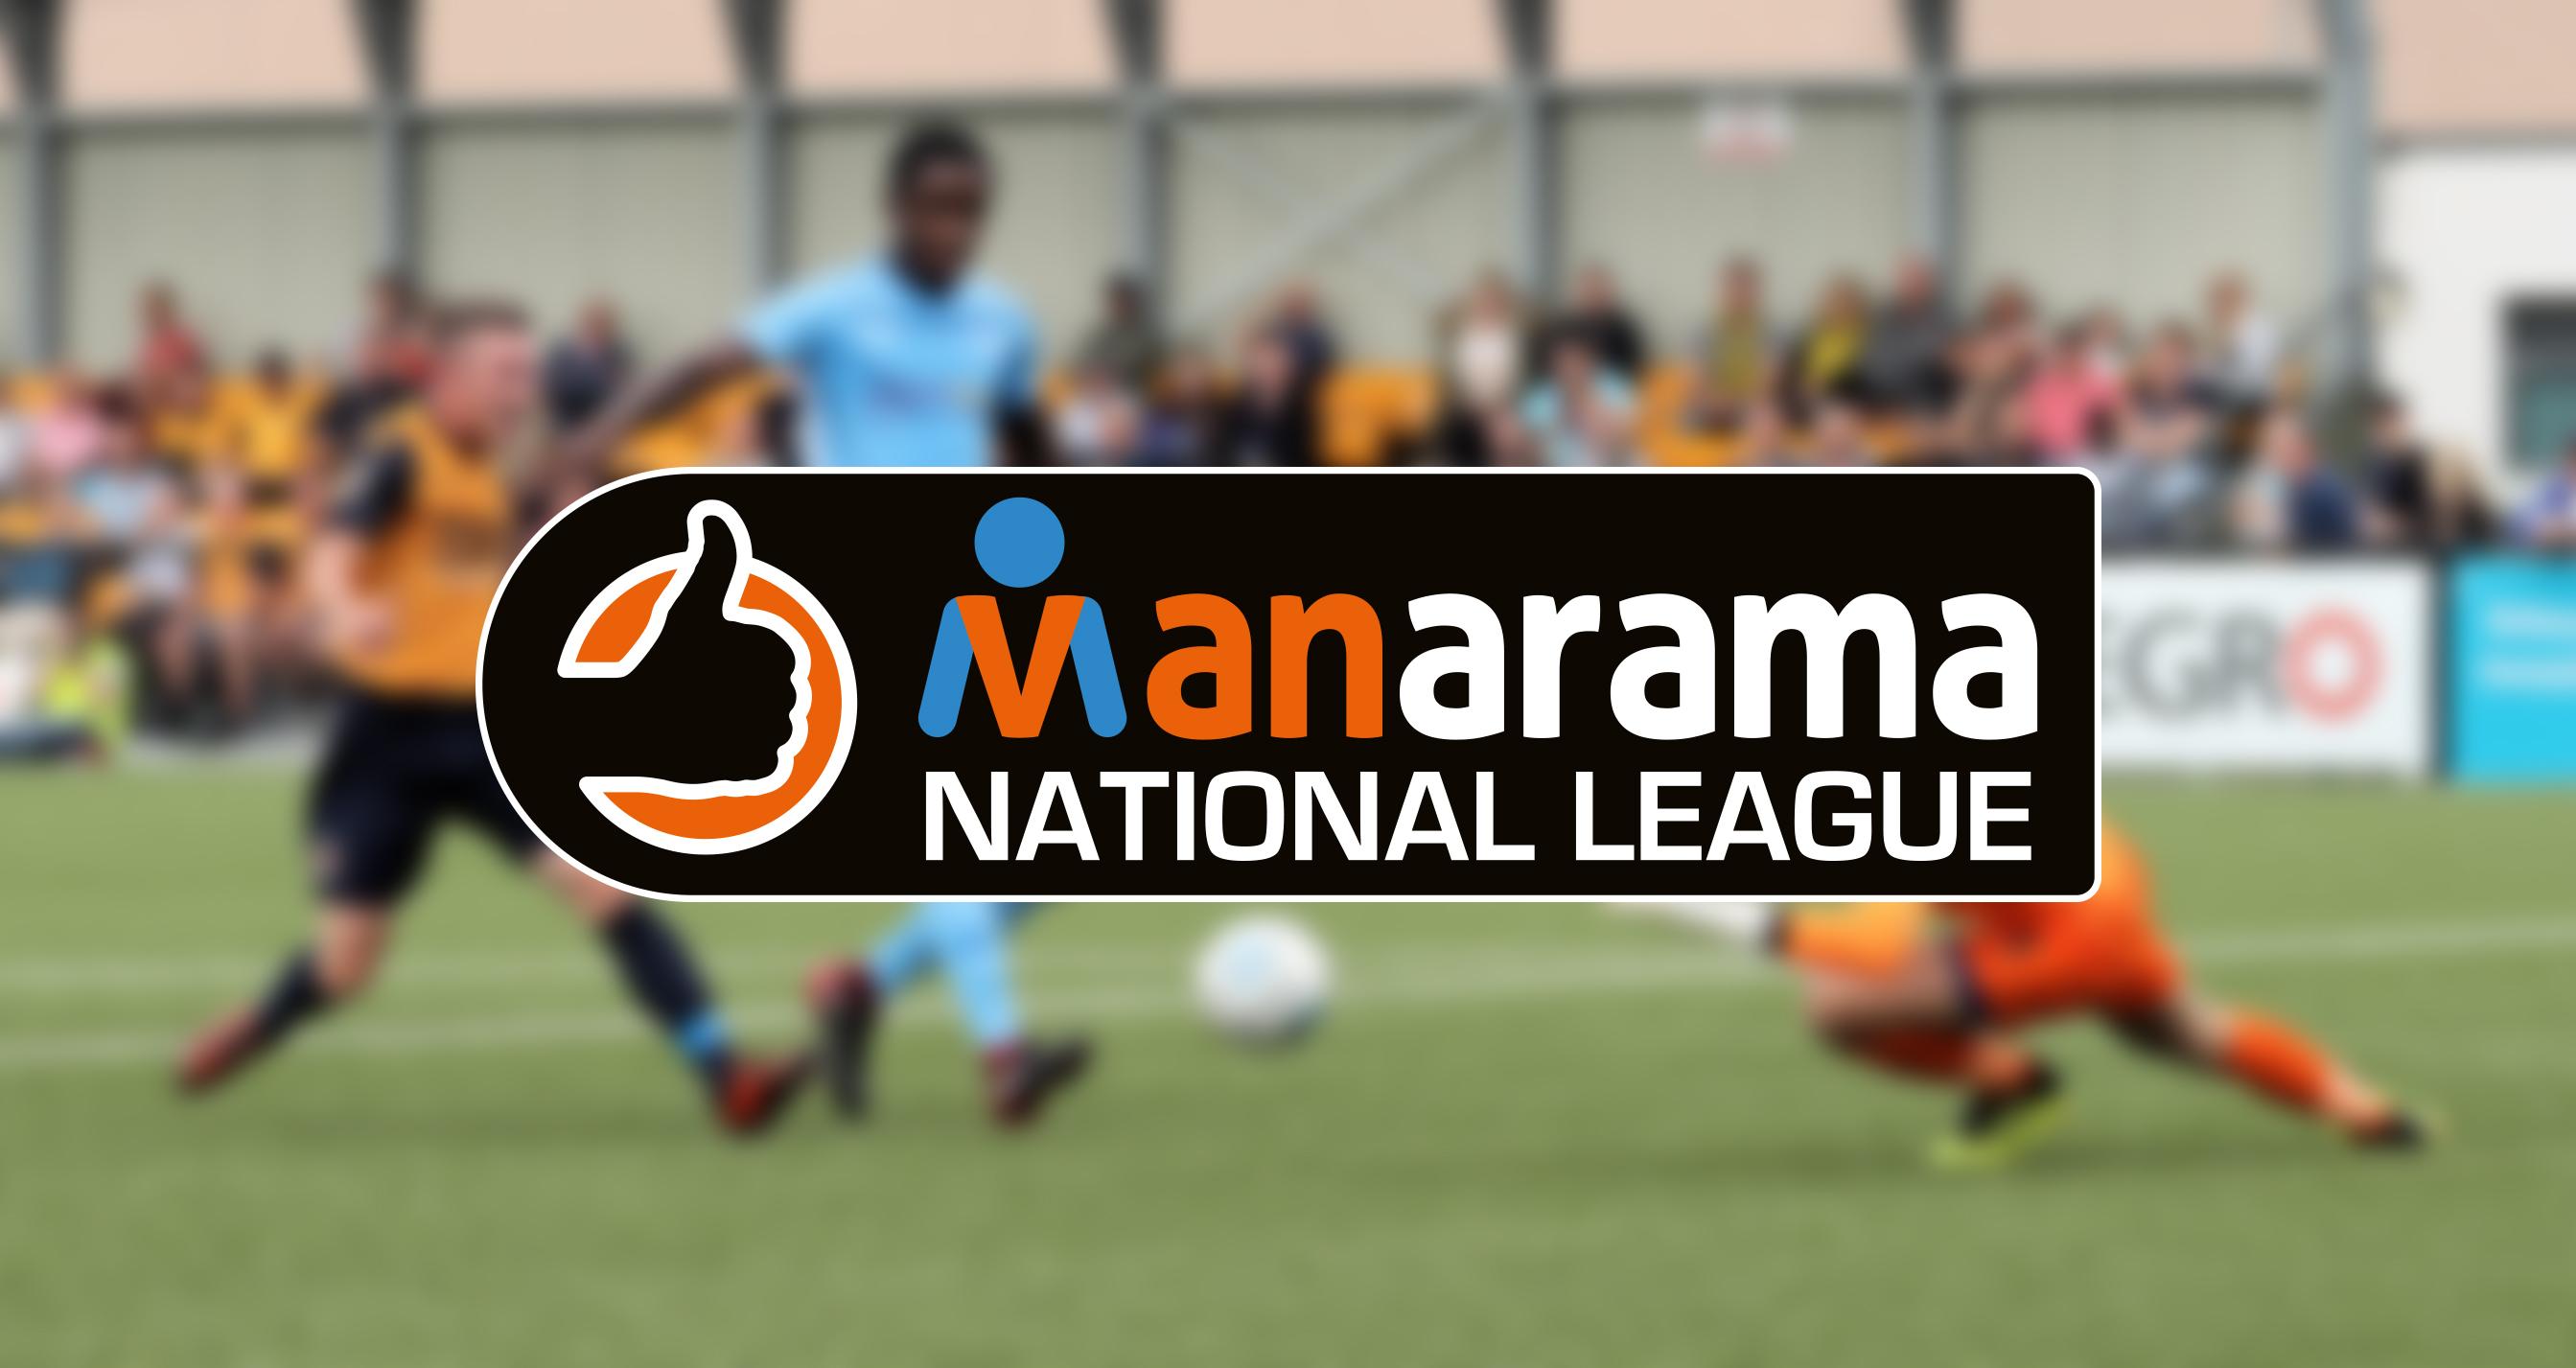 Manarama